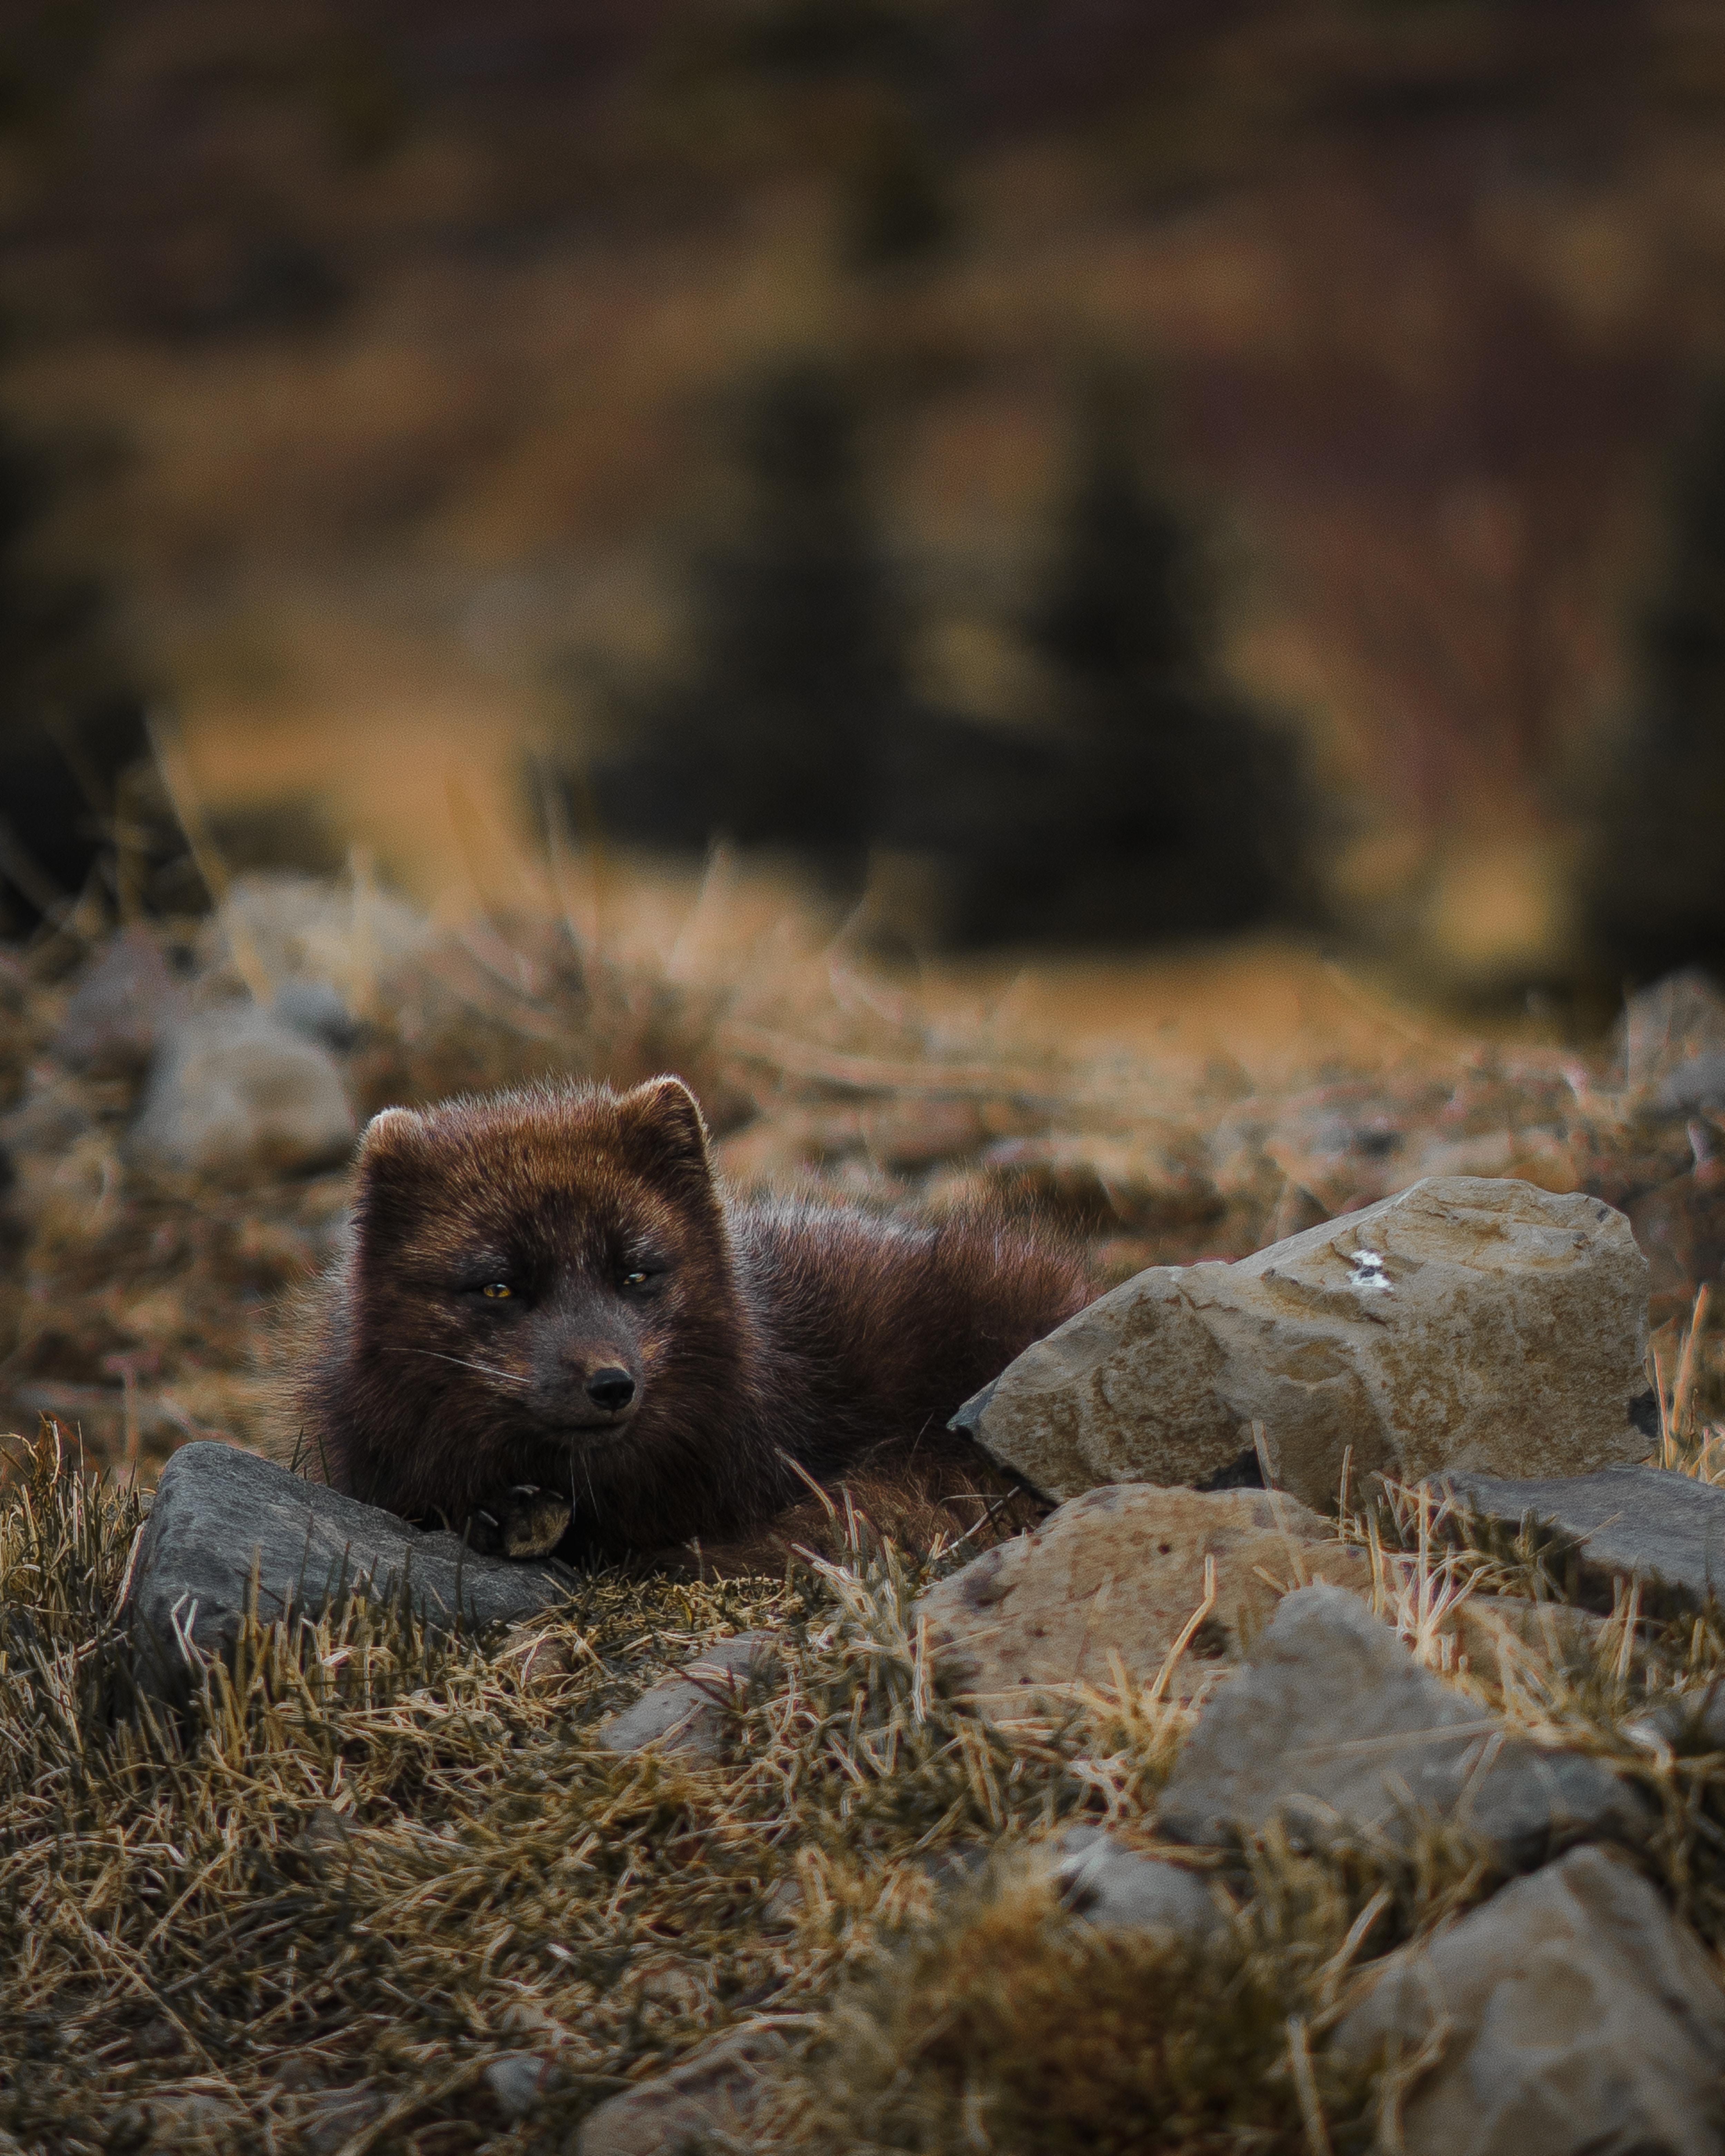 121601 скачать обои Животные, Песец, Арктическая Лиса, Полярная Лисица, Лежит, Дикая Природа - заставки и картинки бесплатно